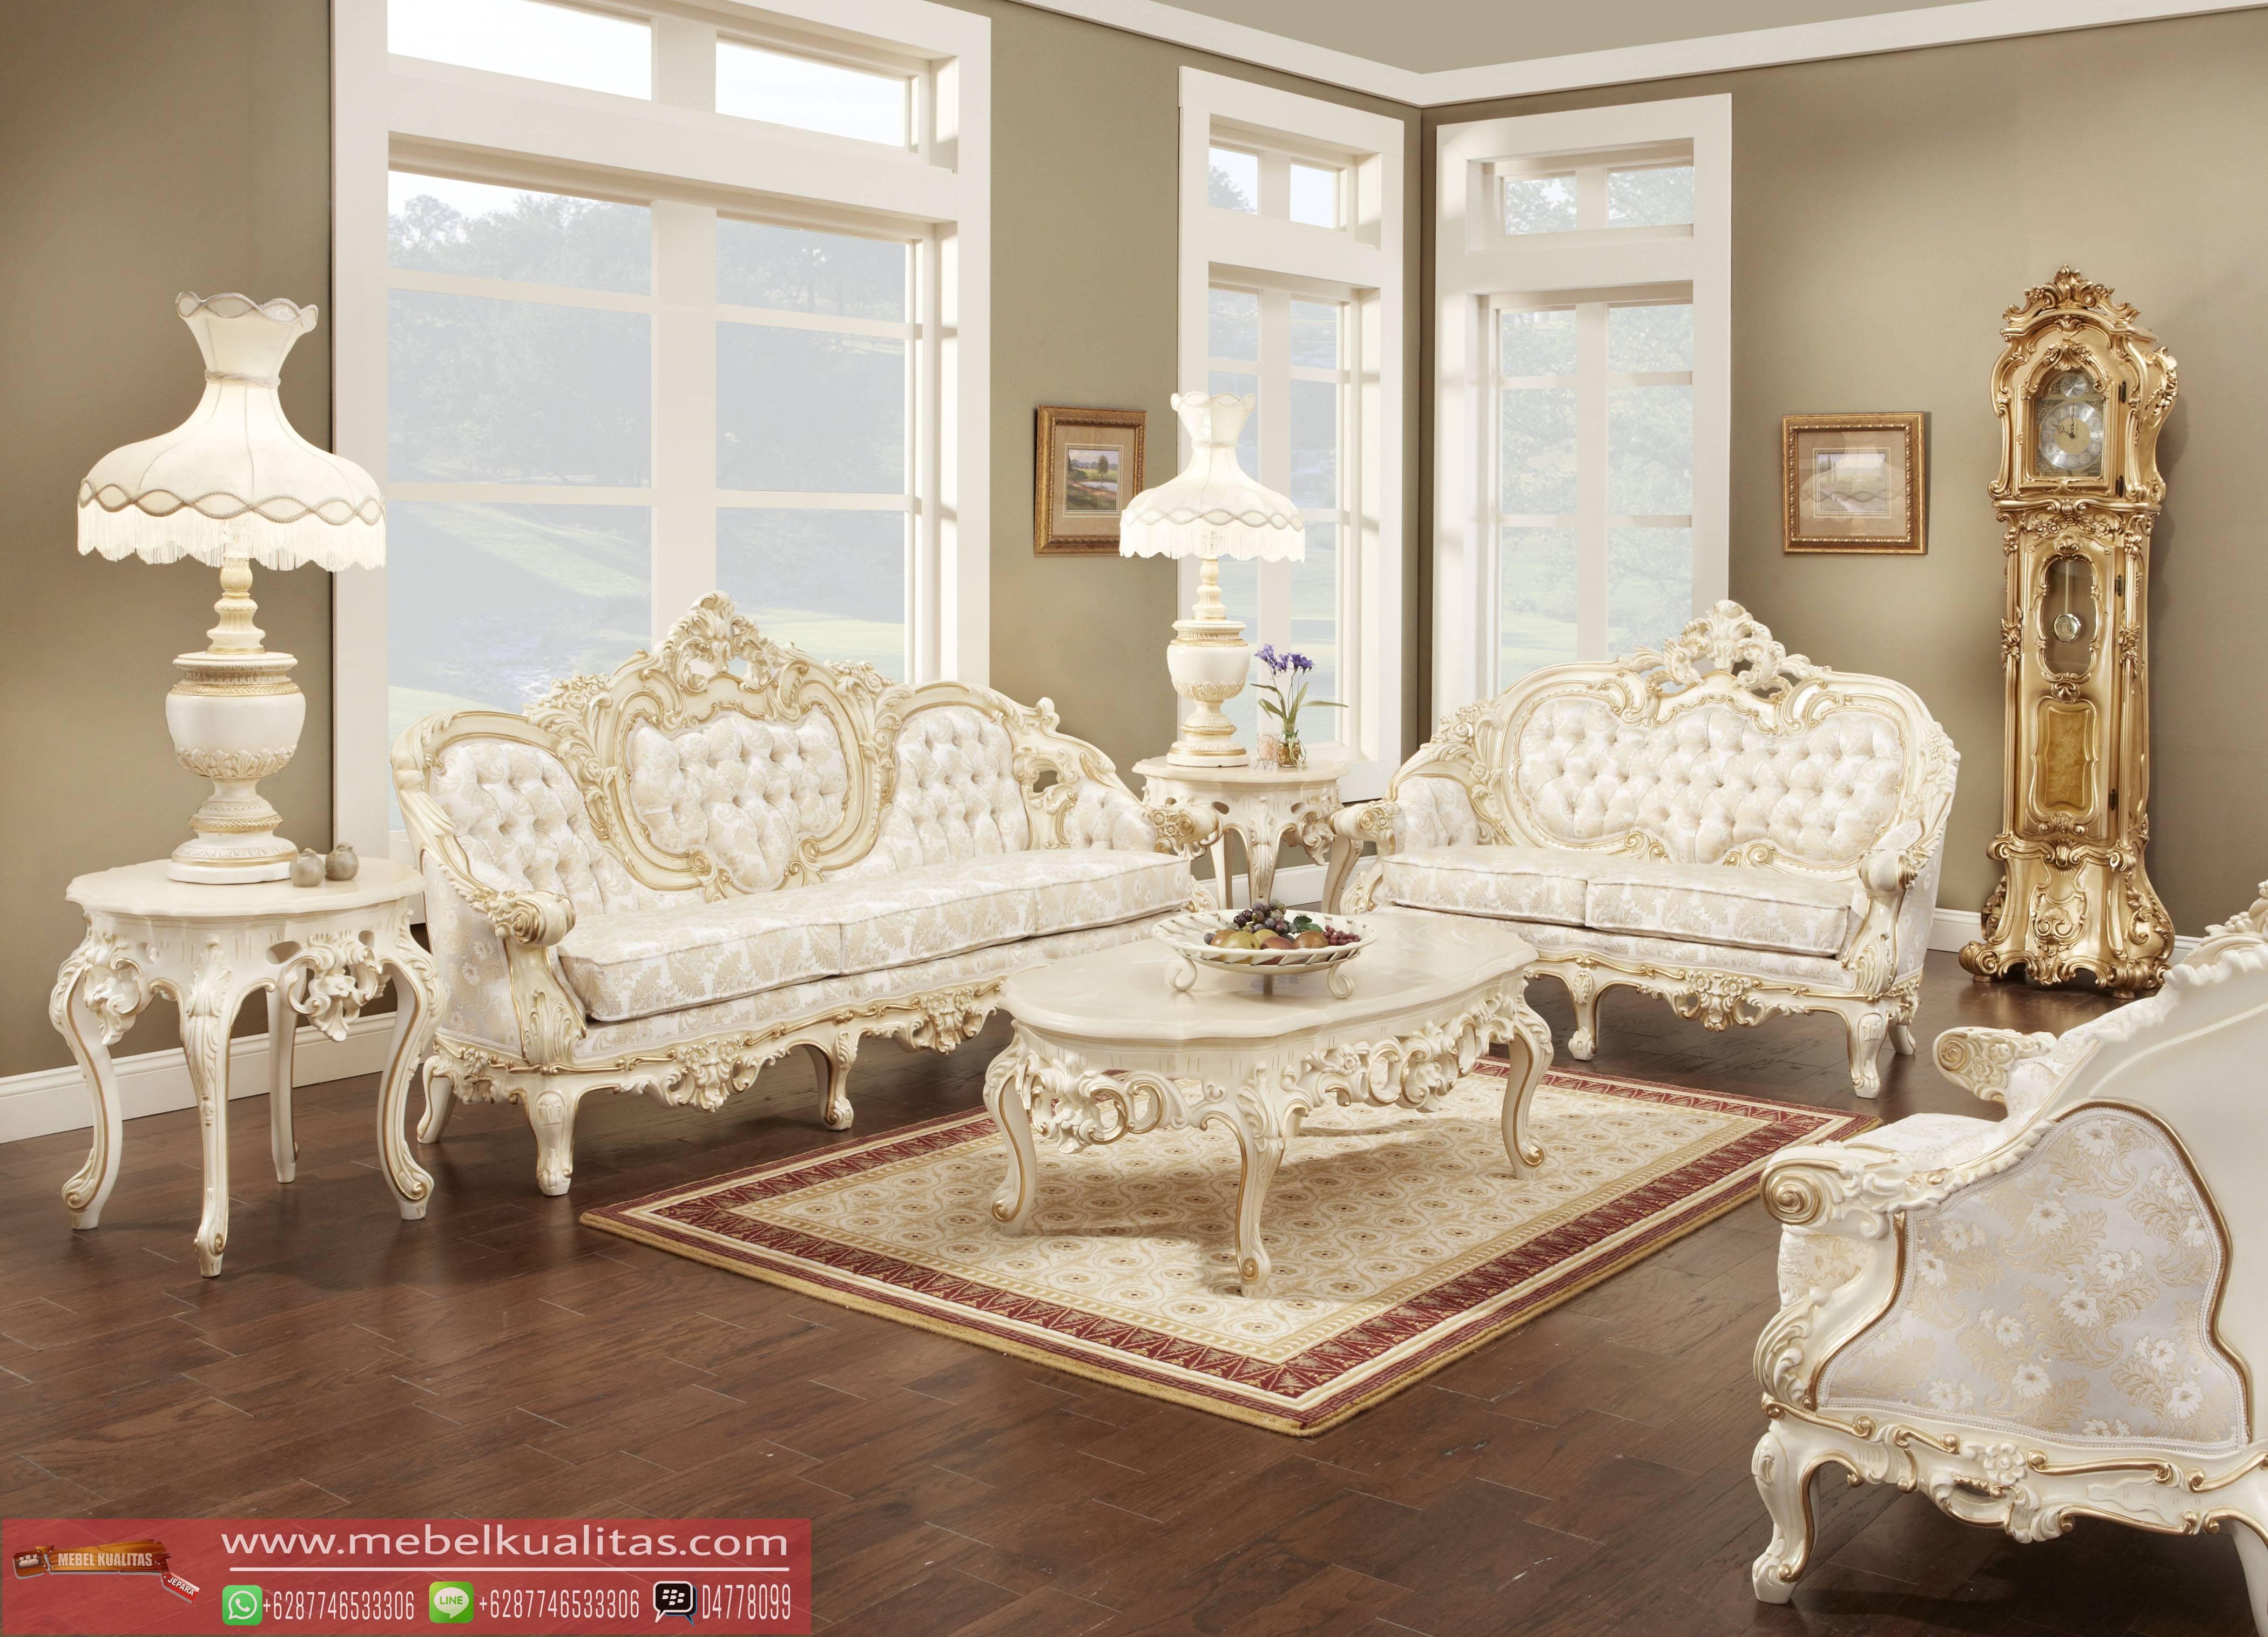 Set Kursi Tamu Sofa Mewah White Klasik Ukir Terbaru, set kursi tamu mewah, kursi tamu model terbaru, set sofa tamu mewah, set kursi tamu klasik, kursi tamu kayu jati, kursi tamu jati, kursi tamu minimalis, kursi tamu sofa, jual kursi tamu sofa, katalog kursi tamu sofa, kursi sofa untuk ruang tamu, kursi tamu atau sofa, kursi tamu sofa klasik, set kursi tamu klasik mewah, kursi sofa tamu jati, kursi tamu sofa mewah, set meja kursi tamu, set kursi tamu kayu, set kursi tamu, kursi tamu sofa mewah, kursi tamu sofa elit, kursi tamu sofa ukiran, kursi tamu sofa terbaru, set kursi tamu sofa, set kursi sofa tamu, set kursi ruang tamu, desain kursi tamu sofa, desain kursi tamu, harga kursi tamu sofa, gambar kursi sofa, harga kursi tamu sofa, model kursi tamu kayu, model kursi tamu atau sofa, sofa tamu jati minimalis, sofa mewah, pasar, jepara, sentra, set, sofa, terbaik, ukir, berkualitas, termurah, terbaru, modern, terbaik, terlaris, jual, kualitas, mewah, harga, ekspor, furniture sofa tamu vintage, sofa tamu minimalis, kursi tamu sofa, kursi tamu jati, kursi tamu kayu, set kursi tamu mewah, kursi tamu, sofa mewah, pasar, jepara, sentra, set, sofa, terbaik, ukir, berkualitas, termurah, terbaru, modern, terbaik, terlaris, jual, kualitas, mewah, harga, ekspor, furniture